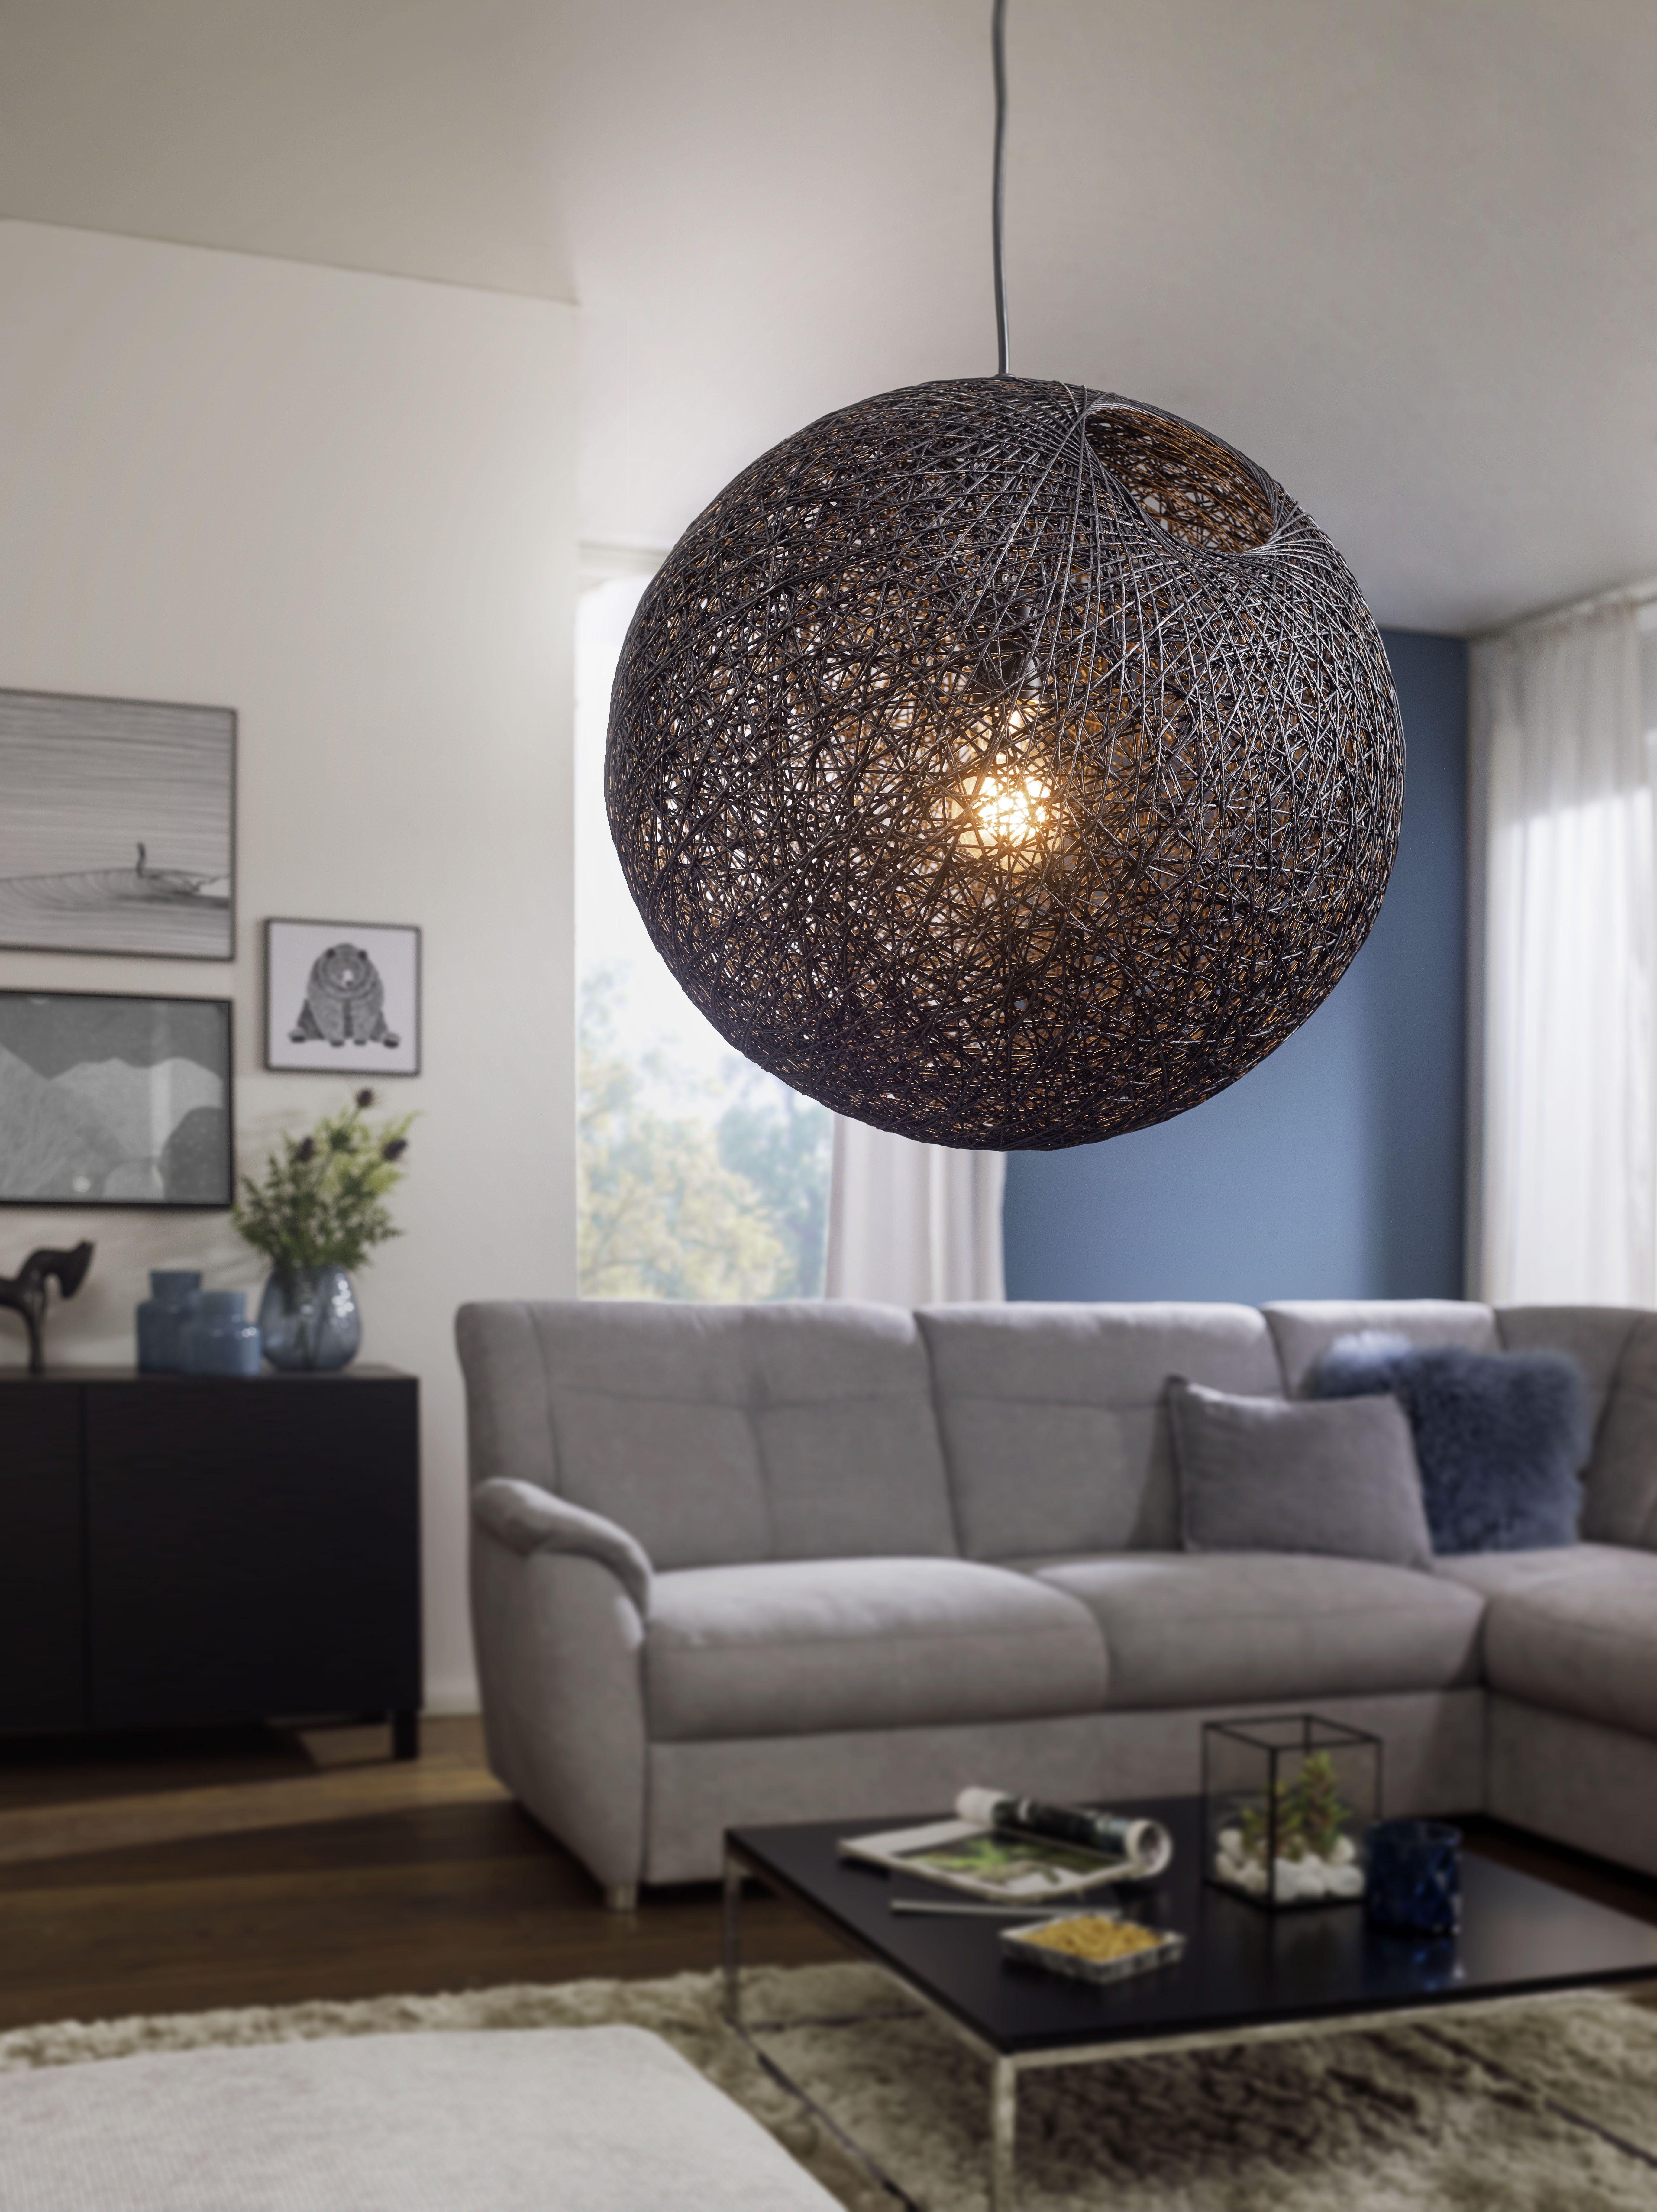 Wohnling Pendelleuchte schwarz 10 cm WL10.10 aus Rattan #Licht